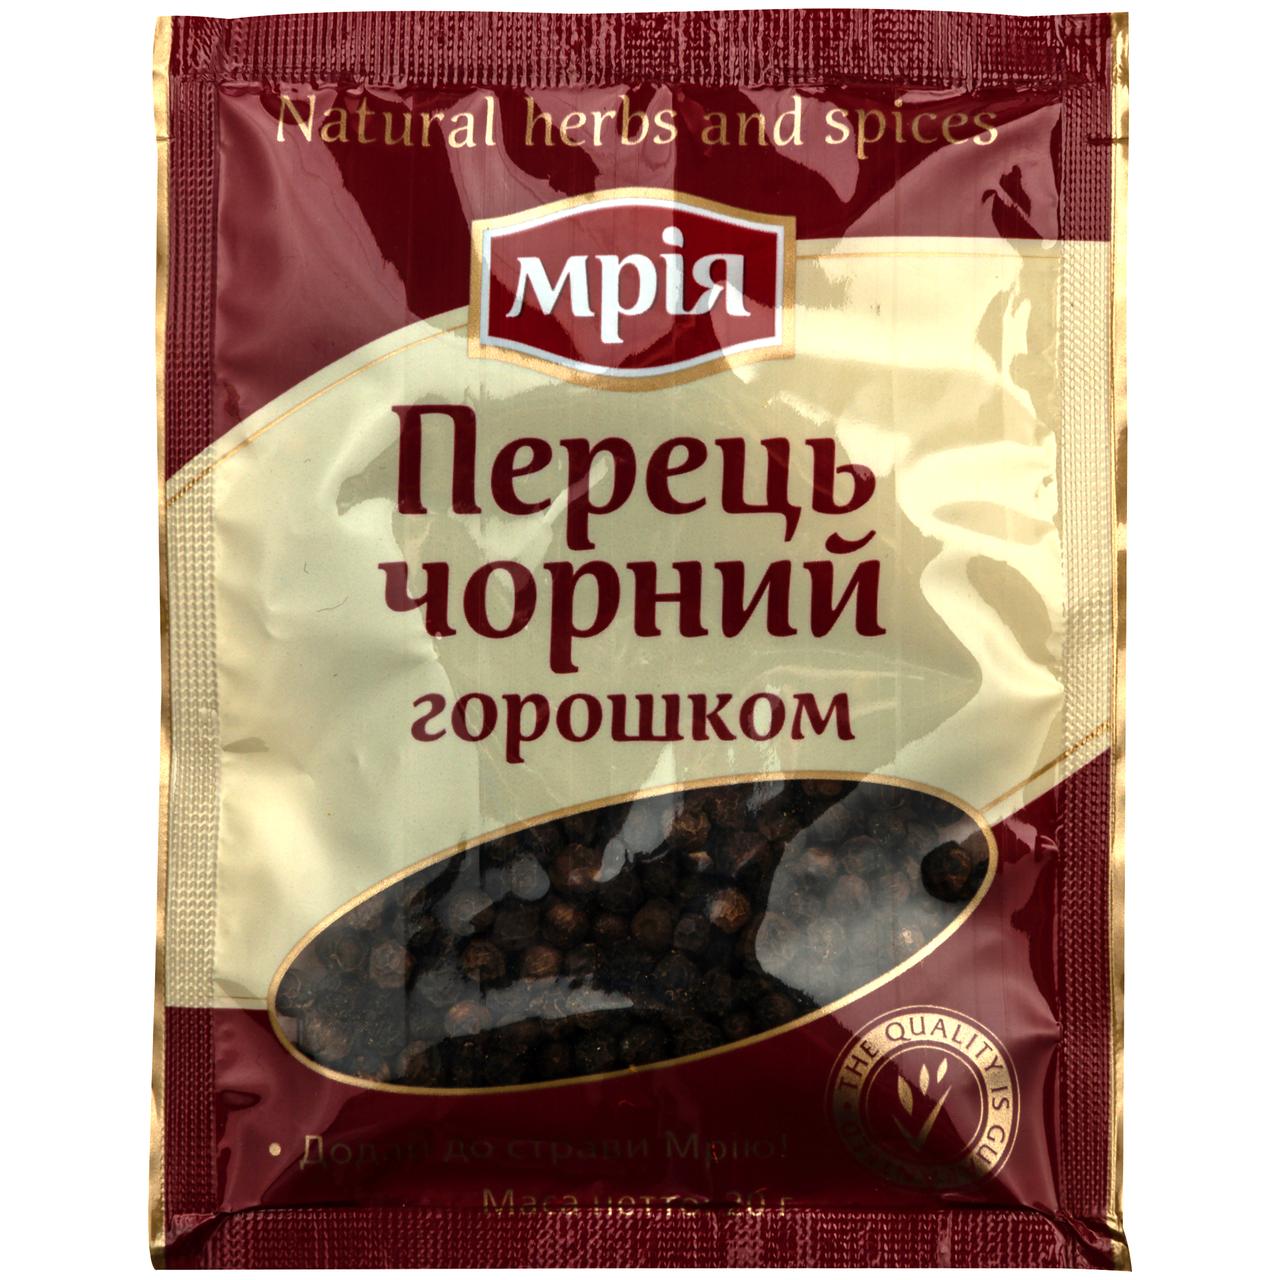 Перець Мрія чорний горошком 20г